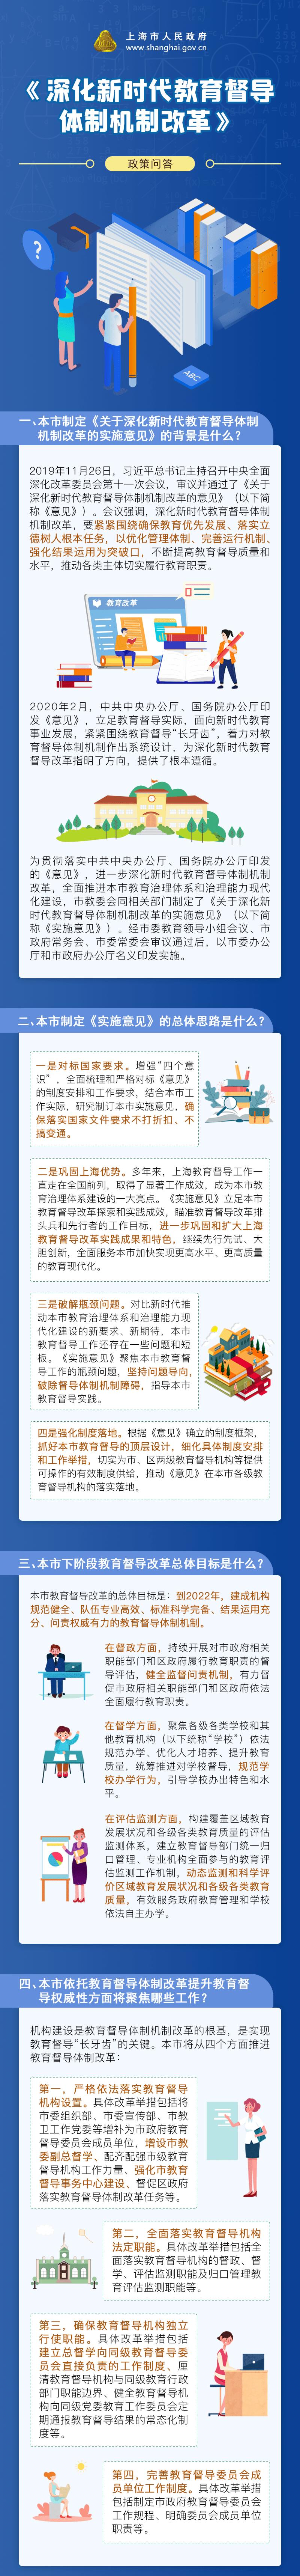 上海出台教育督导体制机制改革实施意见,强化制度落地